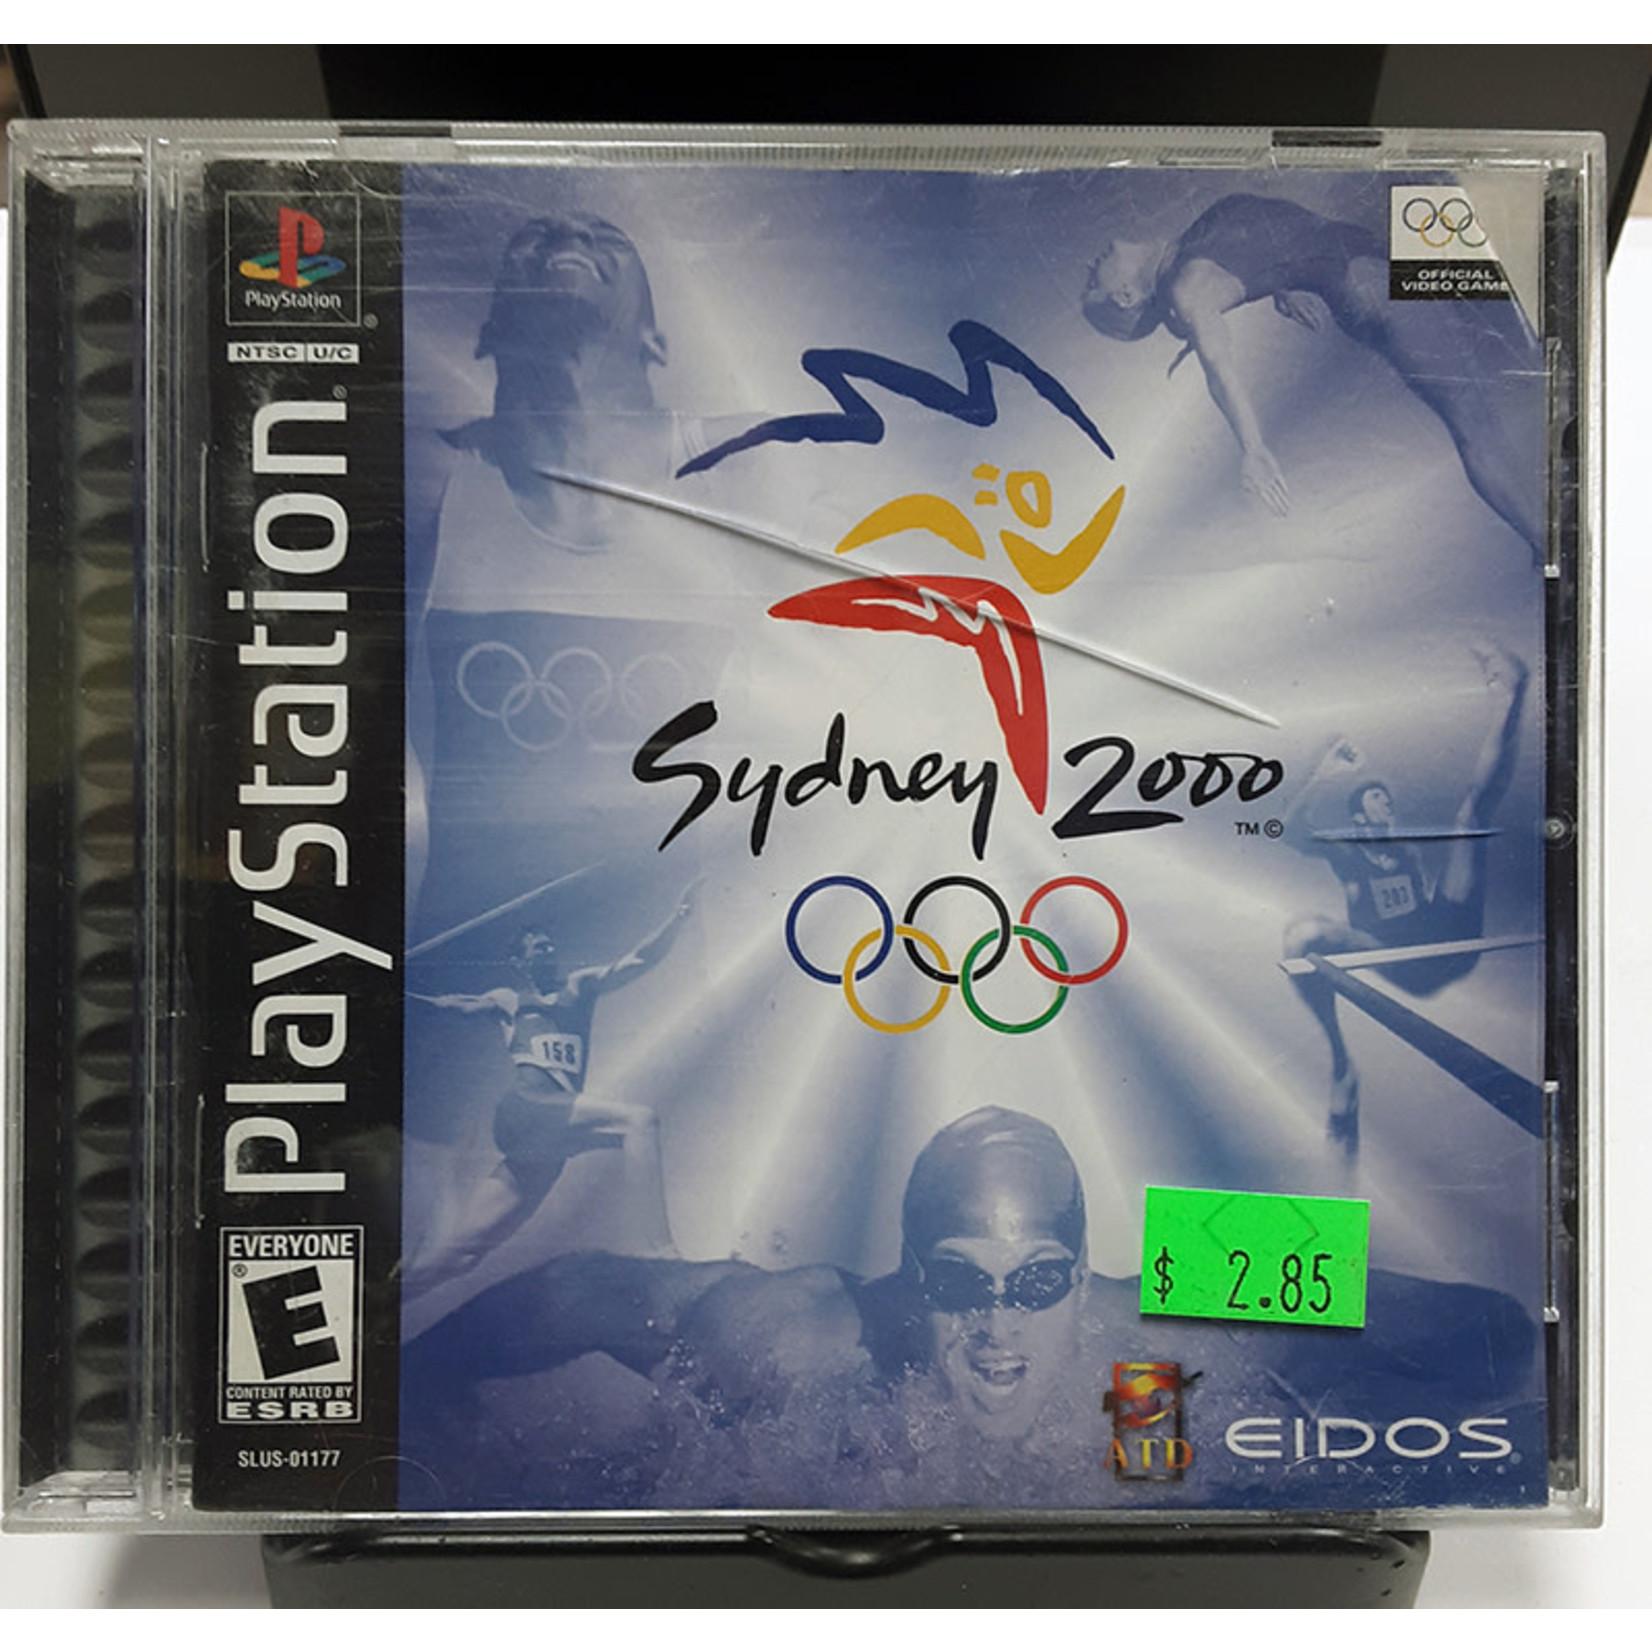 ps1u-sydney 2000